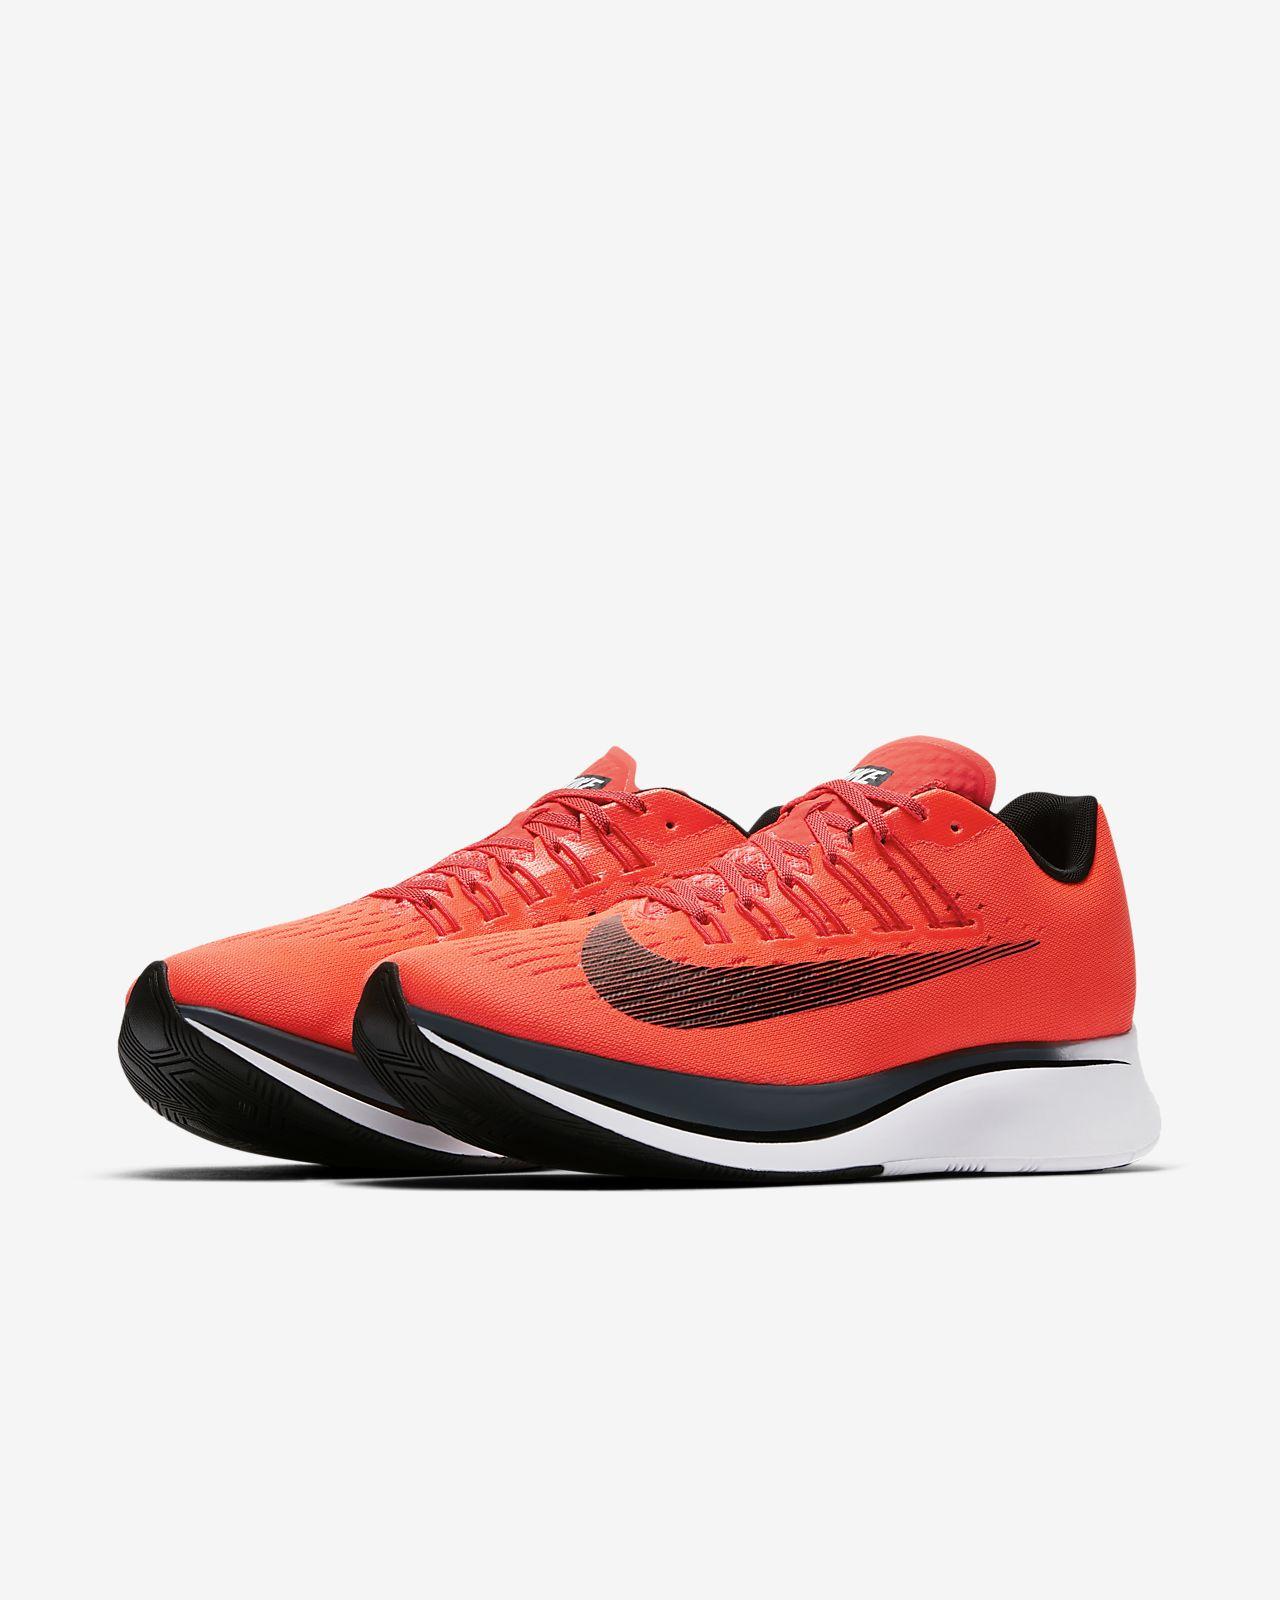 Calzado de running para hombre Nike Zoom Fly